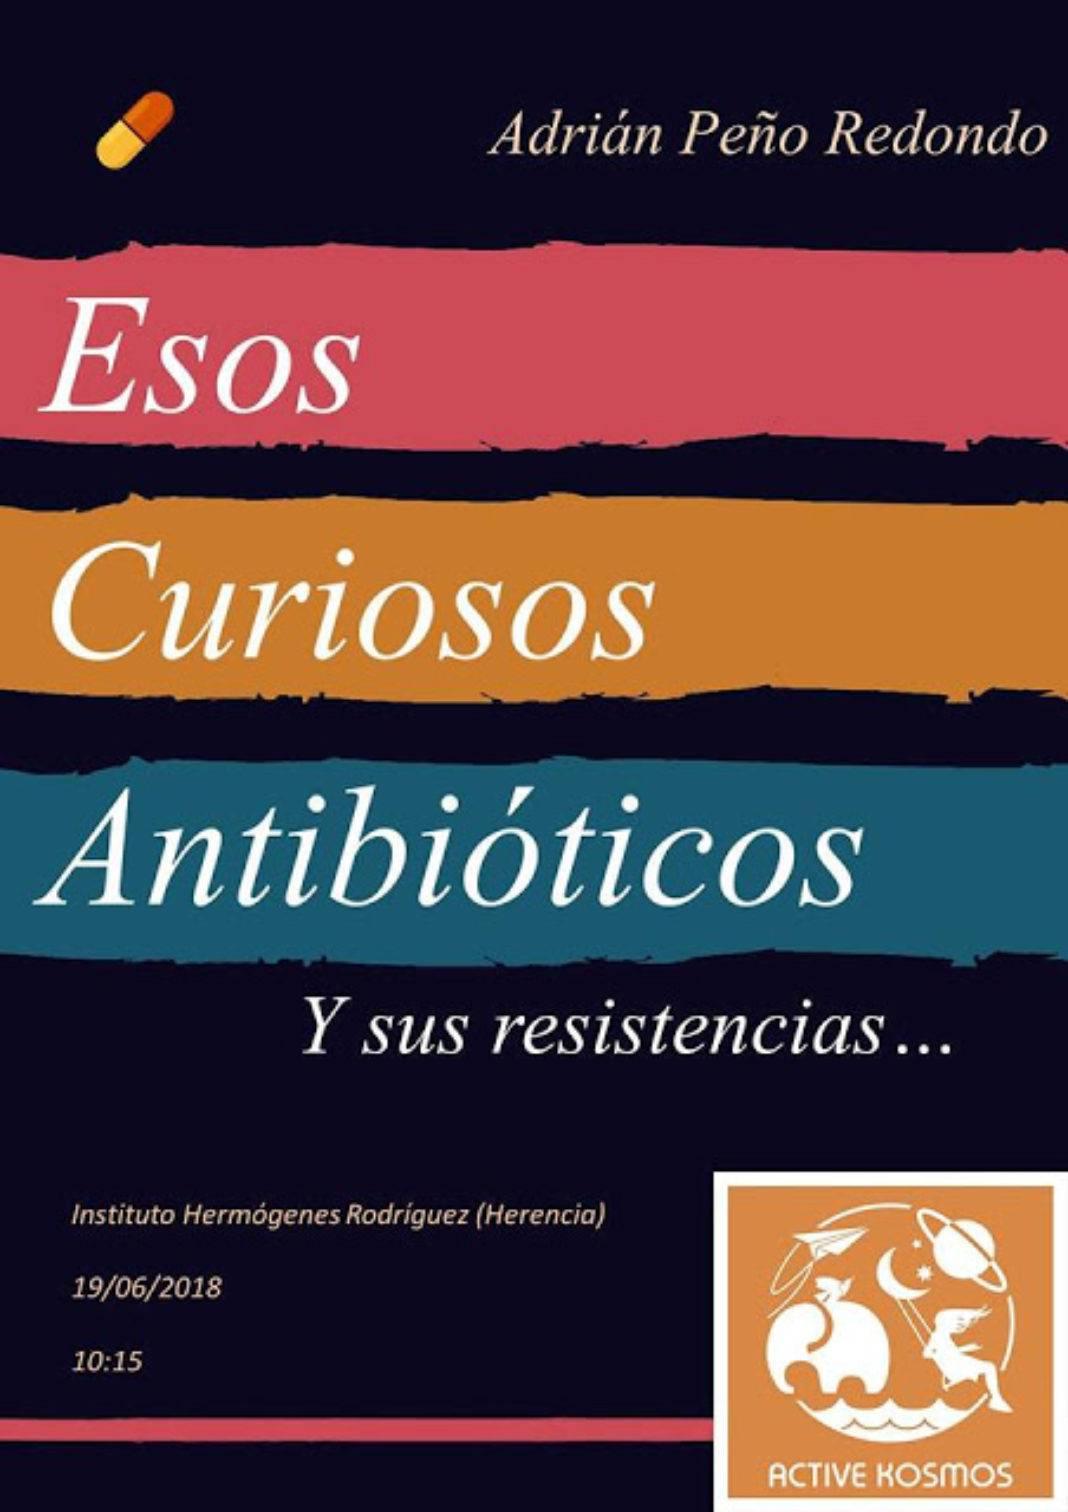 ADRIÁN PEÑO RESISTENCIA A LOS ANTIBIÓTICOS 1068x1512 - Charla sobre los antibióticos en el IES Hermógenes Rodríguez